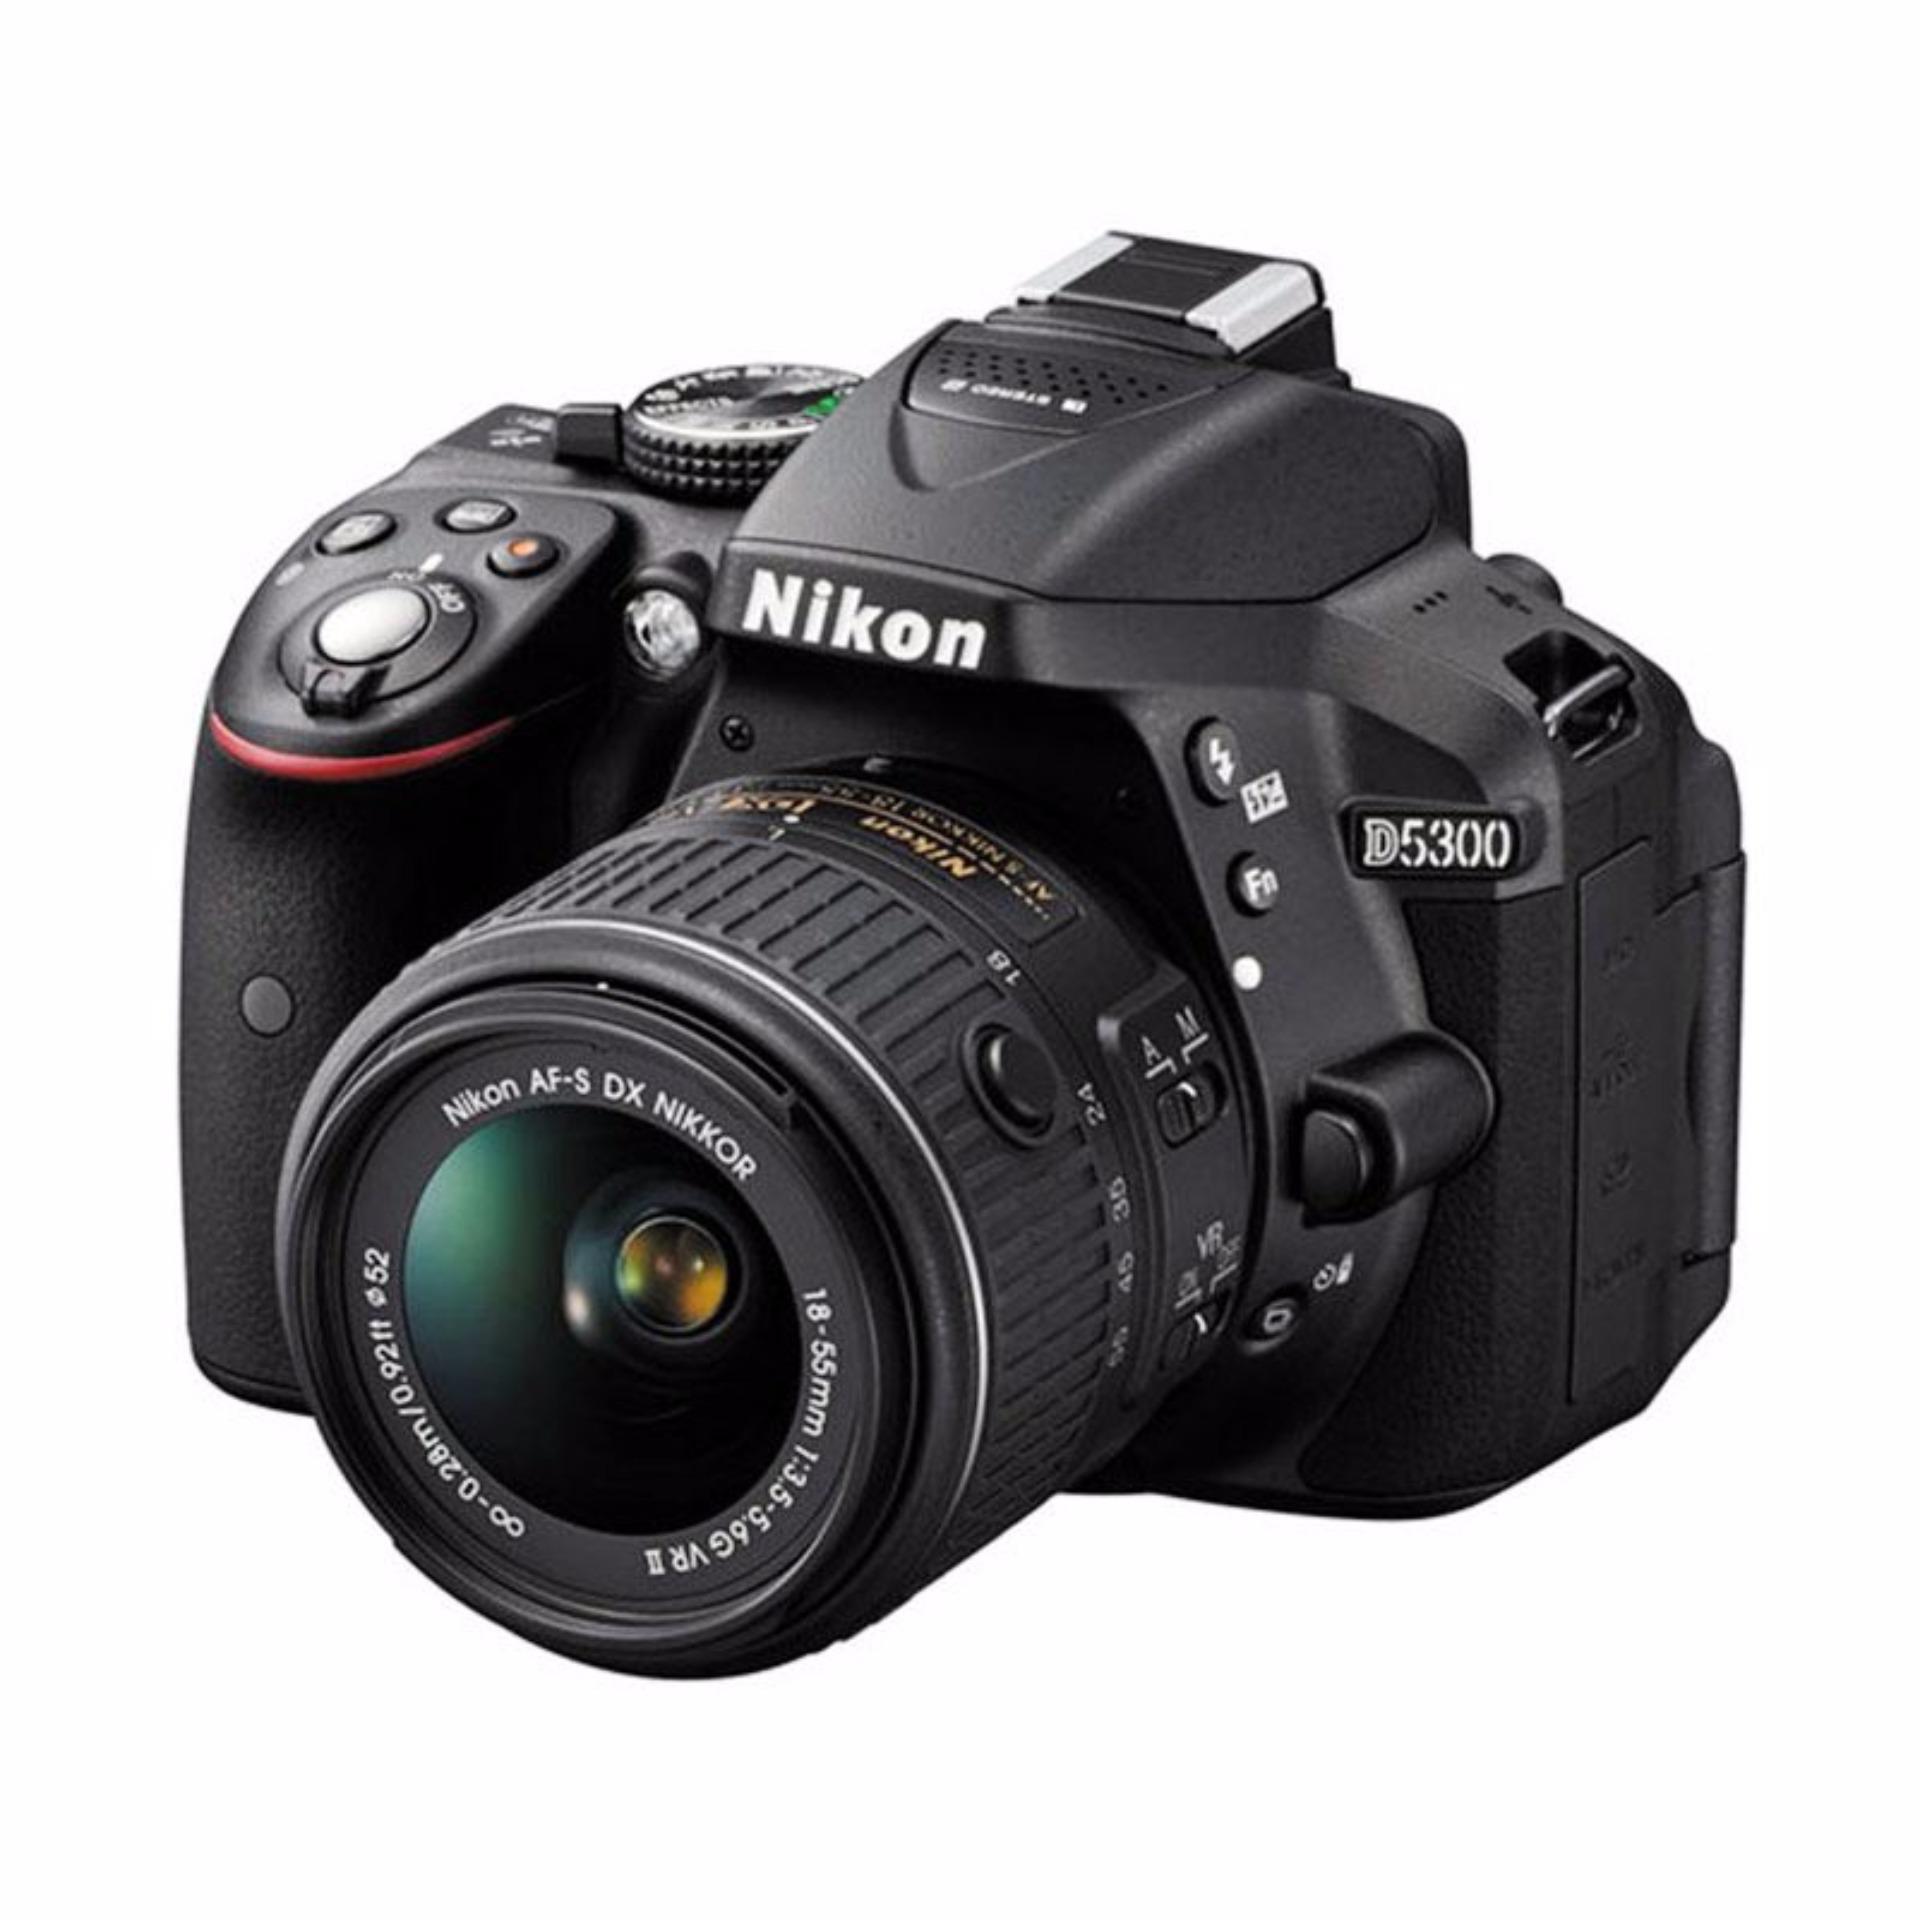 Nikon D5300 Kit 18-55mm VR II Kamera DSLR